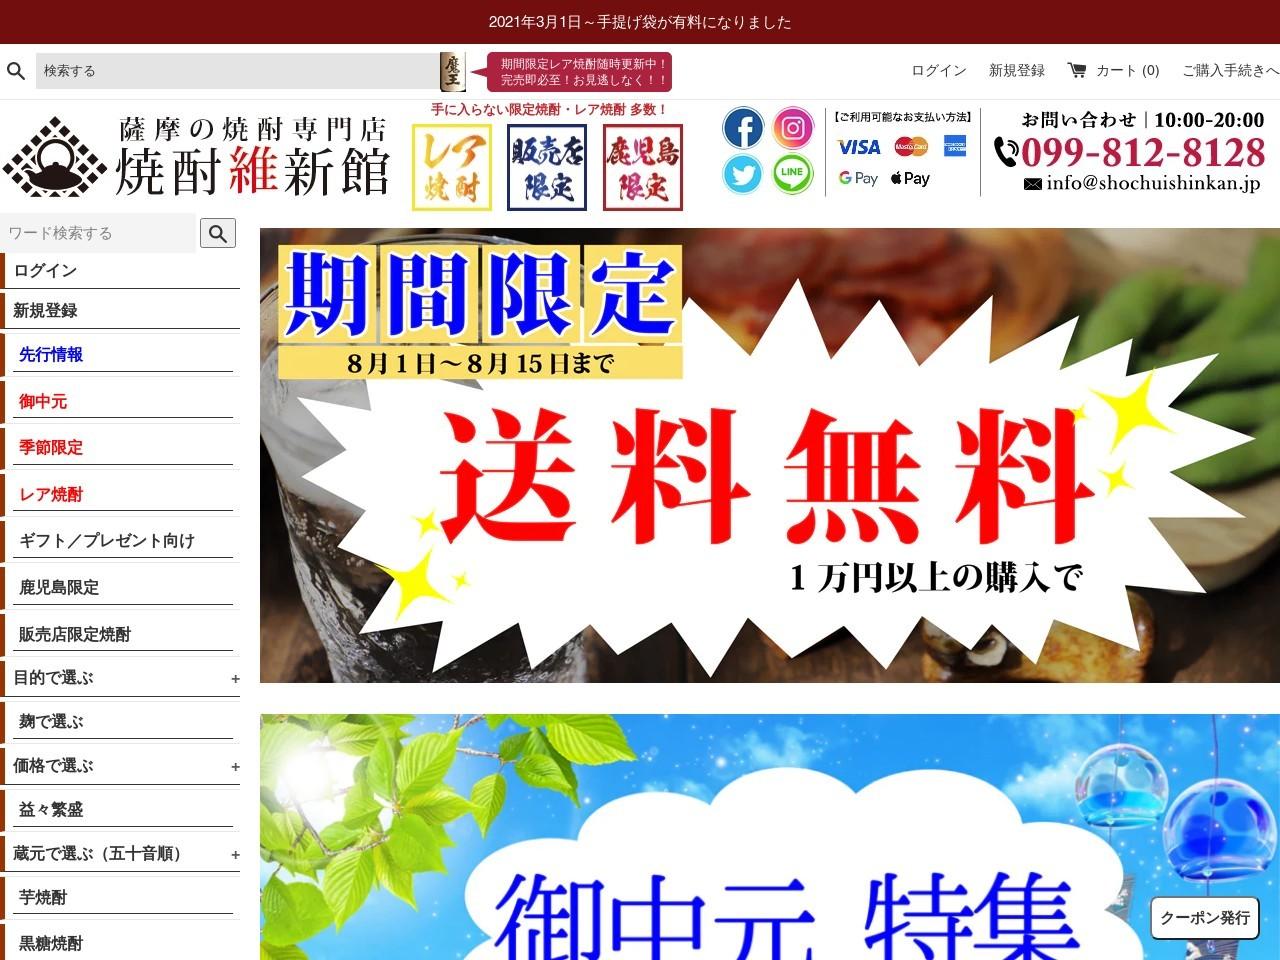 【焼酎維新館】鹿児島の焼酎専門店|芋焼酎